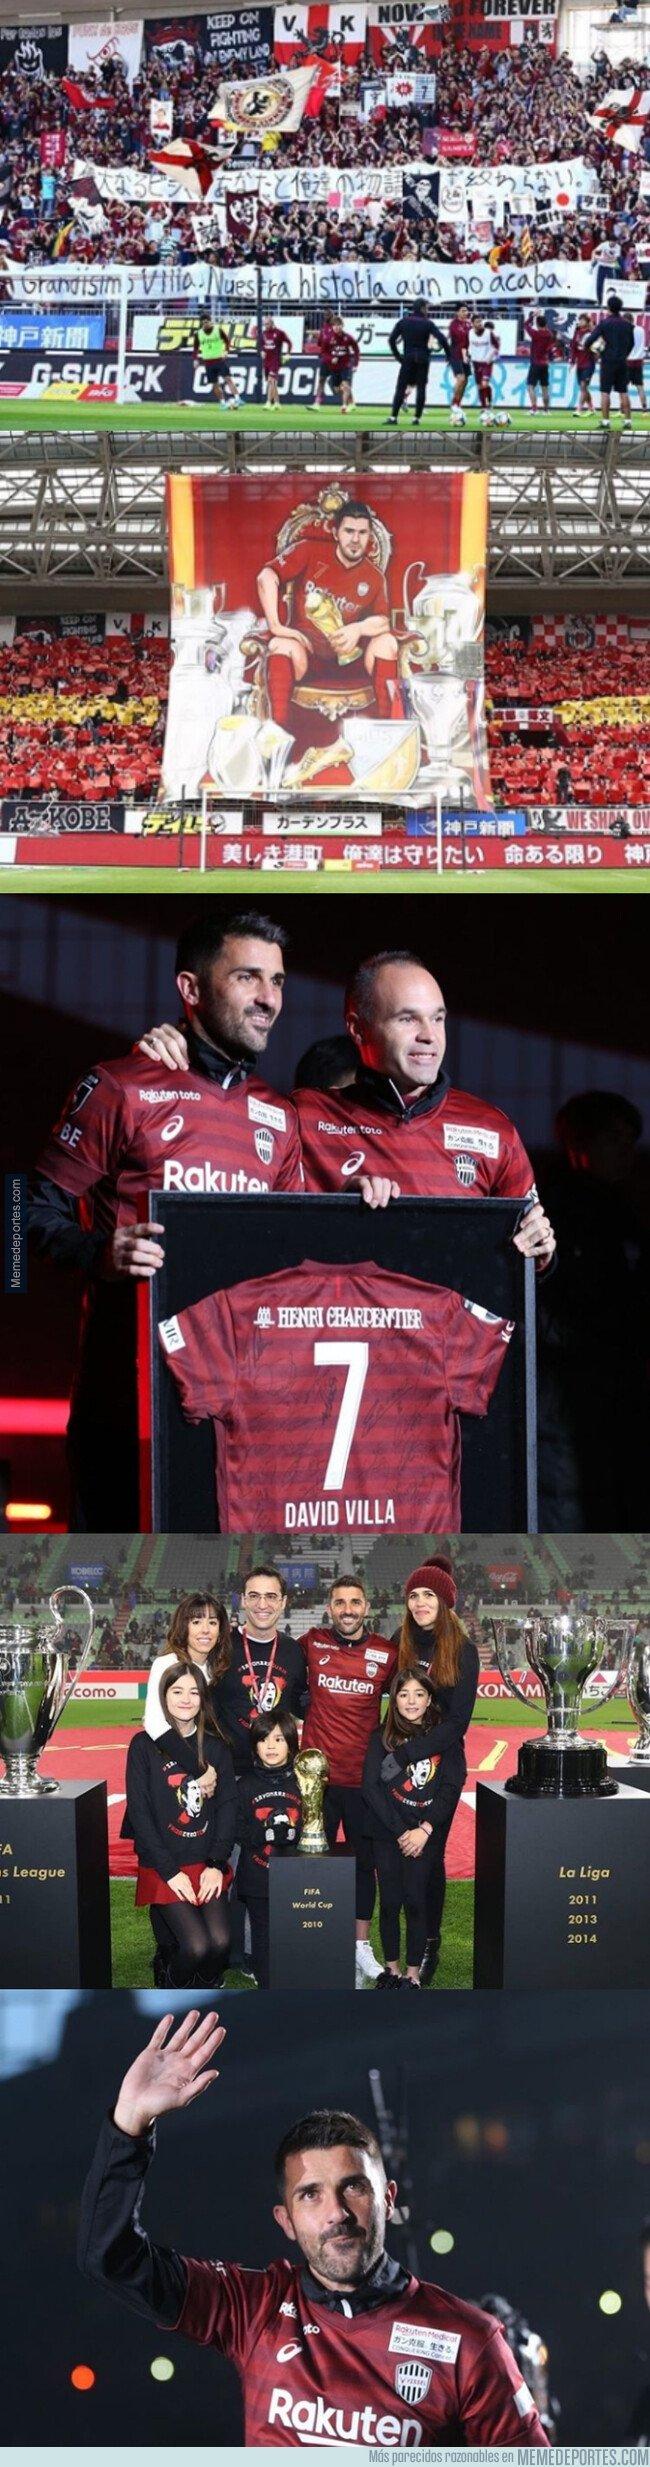 1092850 - Las mejores imágenes del homenaje a Villa en su último partido con el Vissel Kobe